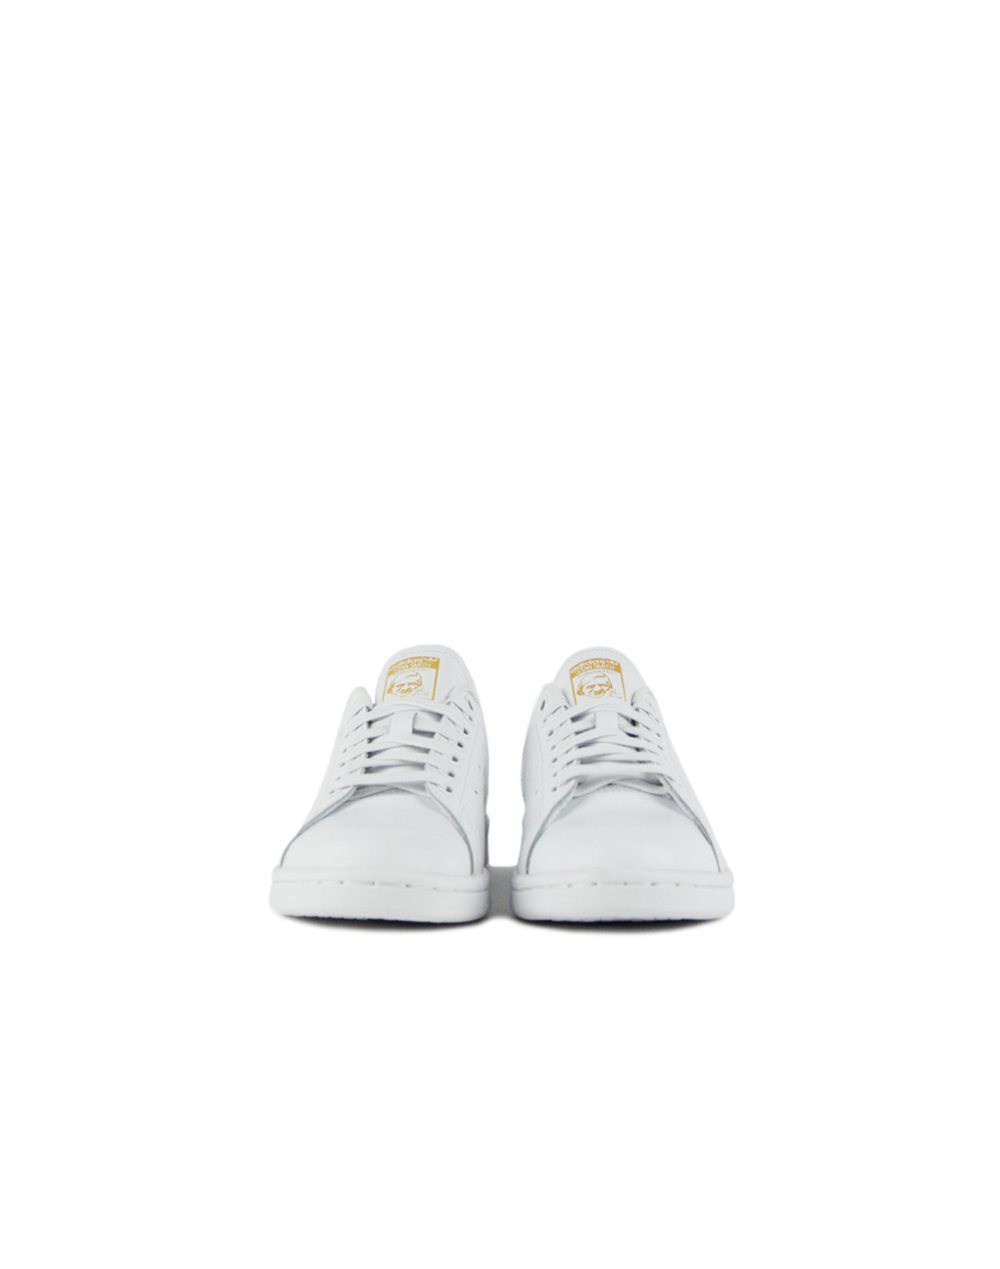 Adidas Stan Smith White/Black (AH2456)